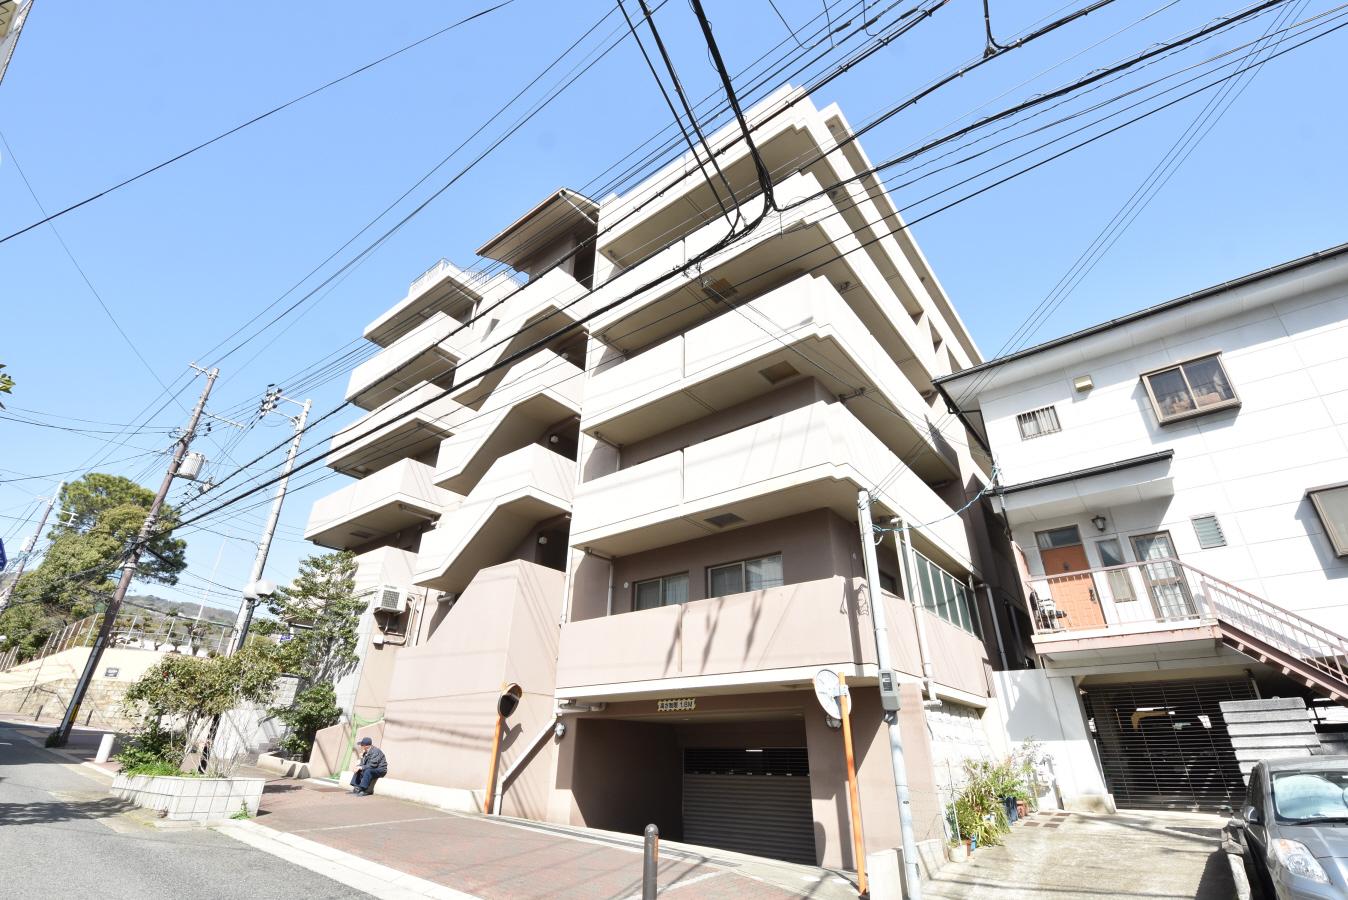 物件番号: 1025850065 神戸中山手ハウス  神戸市中央区中山手通6丁目 2LDK マンション 外観画像